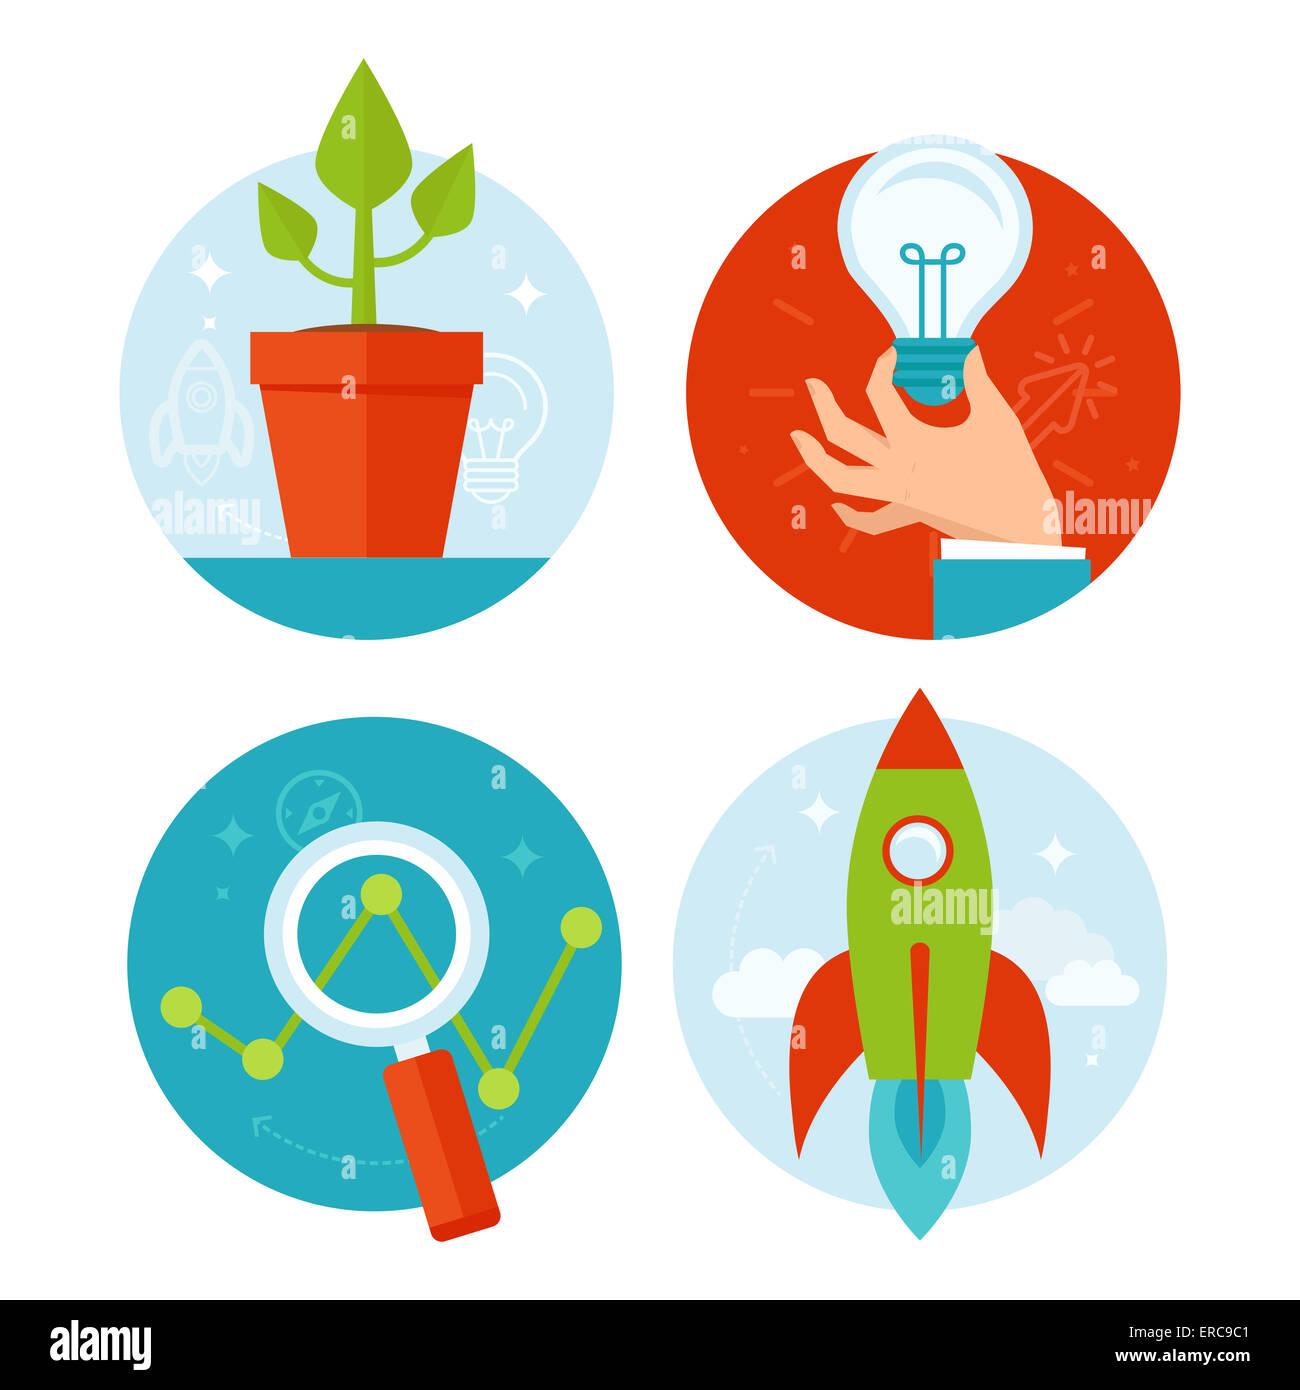 Desarrollo personal y crecimiento empresarial conceptos en estilo plano - Infografía de iconos y elementos Imagen De Stock